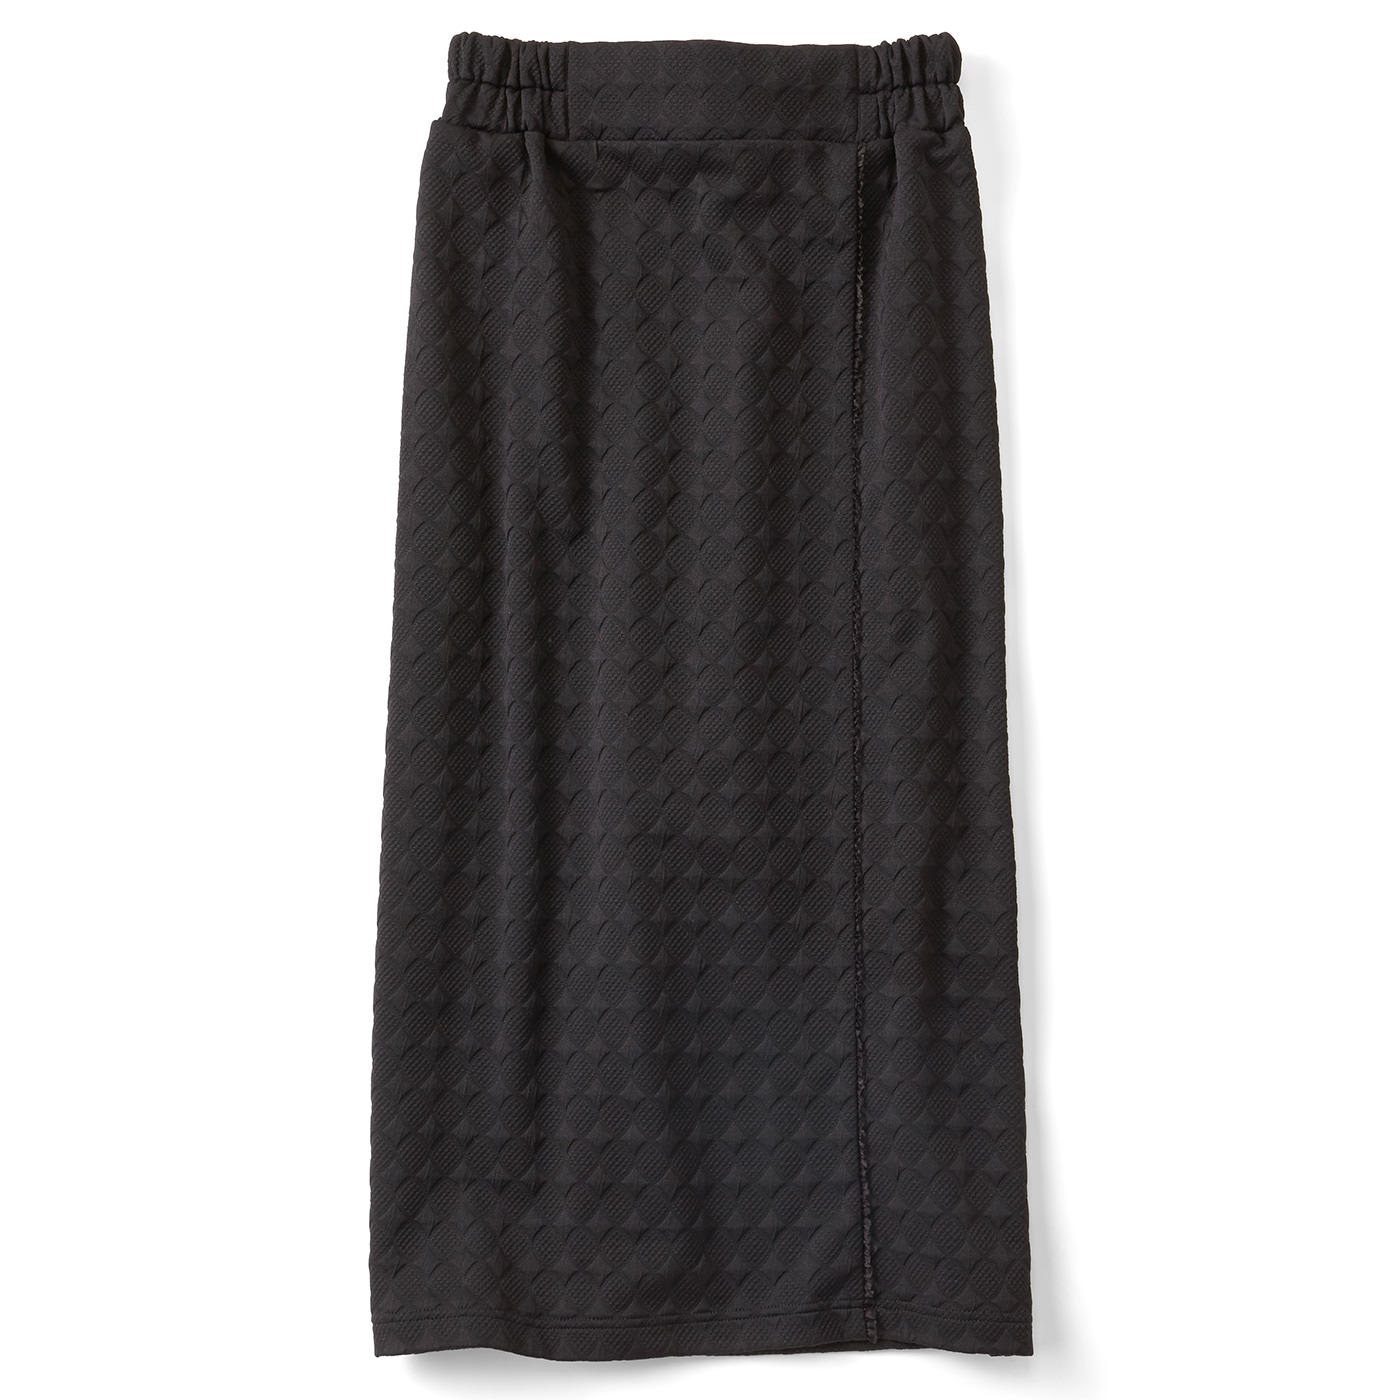 きれいIラインのカットソータイトスカート〈ブラック〉